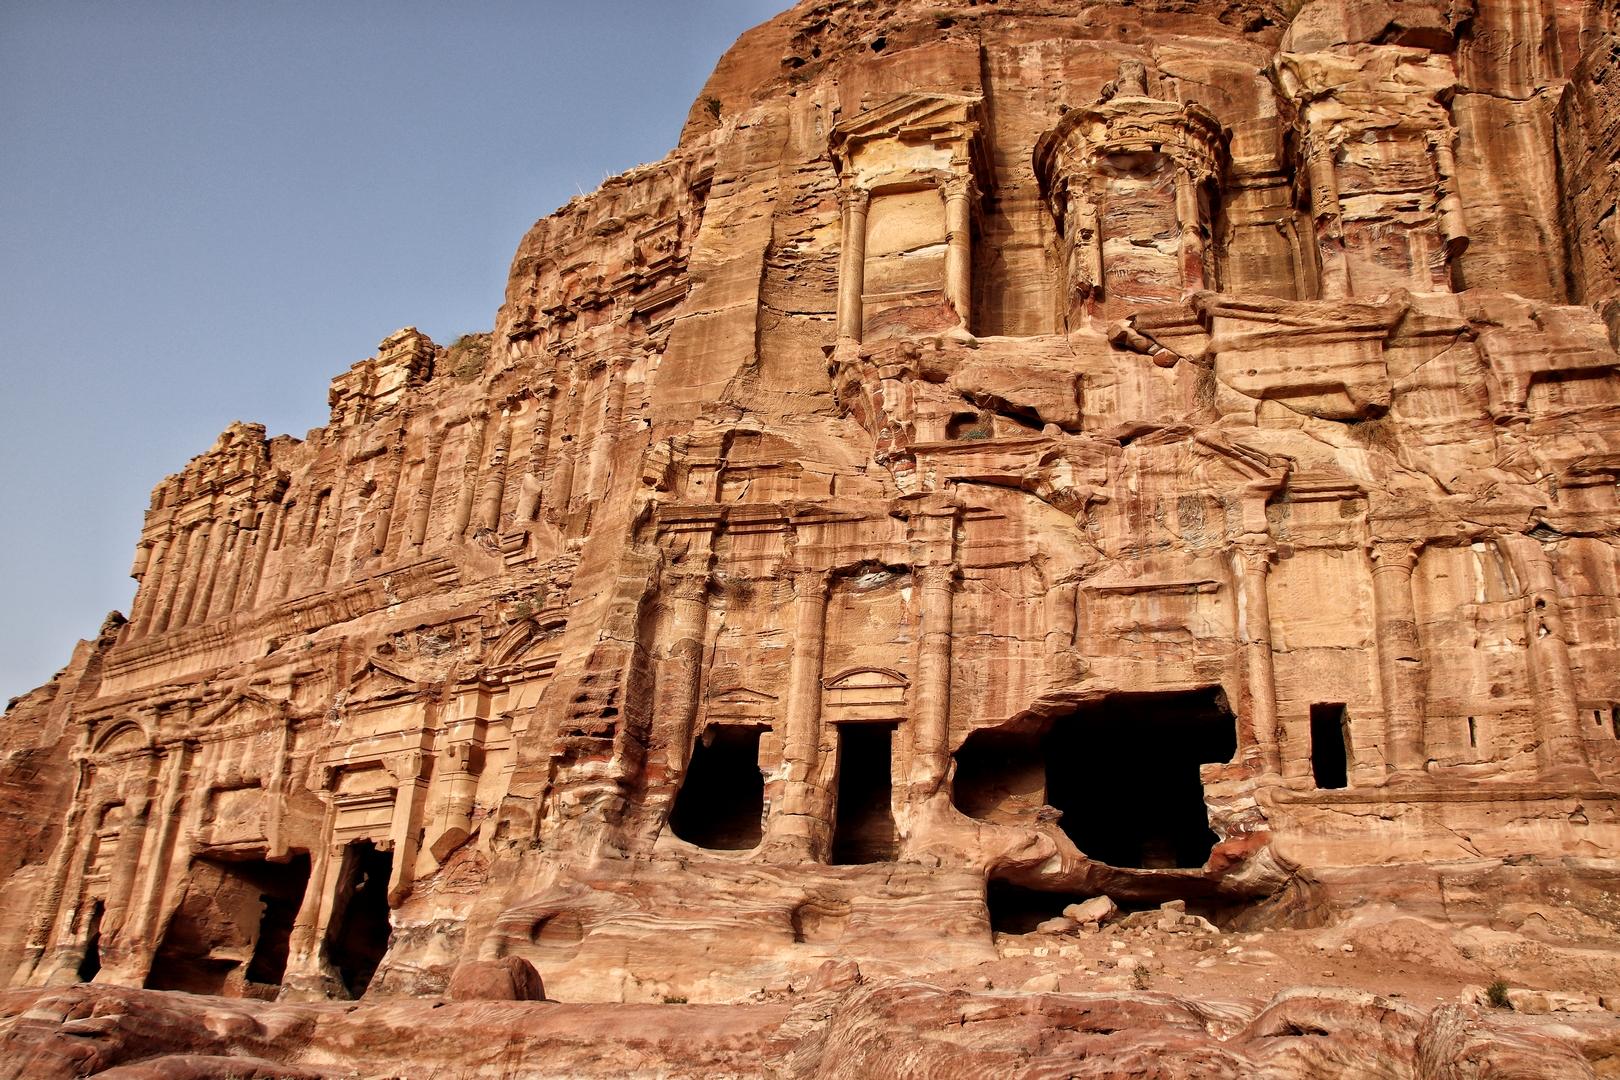 Jordanie - Tombeau palais et tombeau corinthien sur le site de Petra